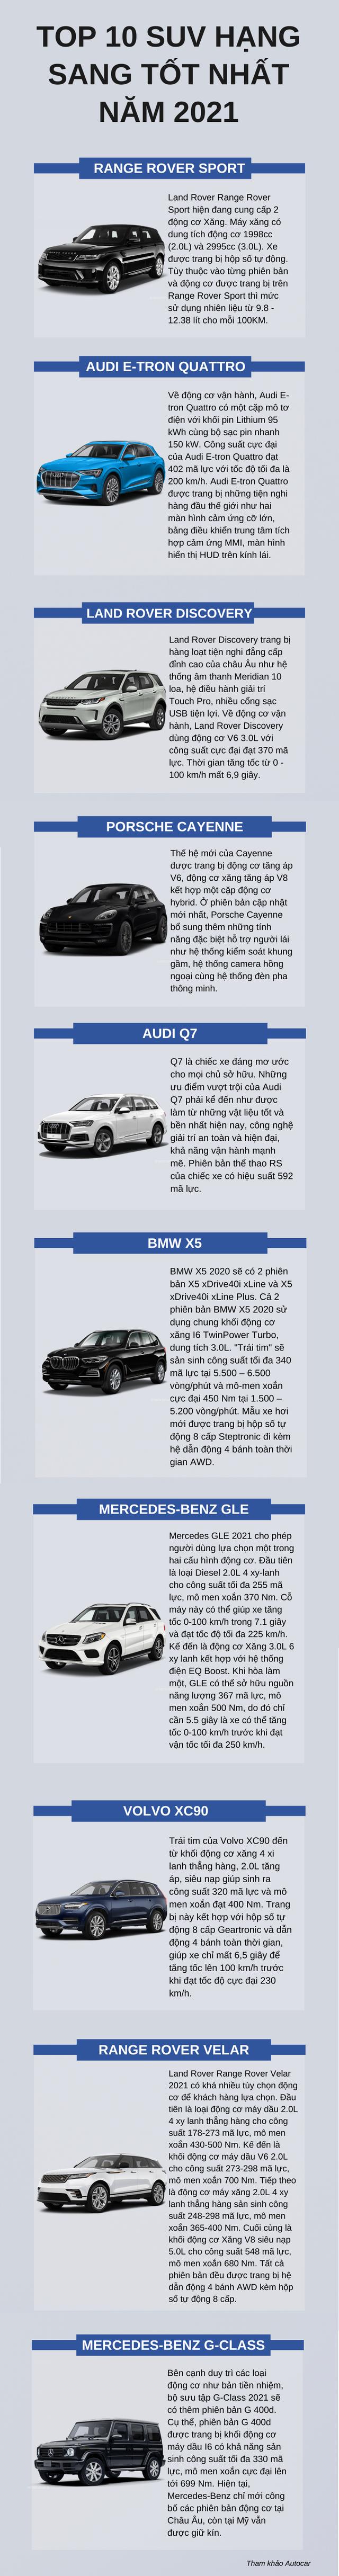 Top 10 SUV hạng sang tốt nhất năm 2021  - Ảnh 1.